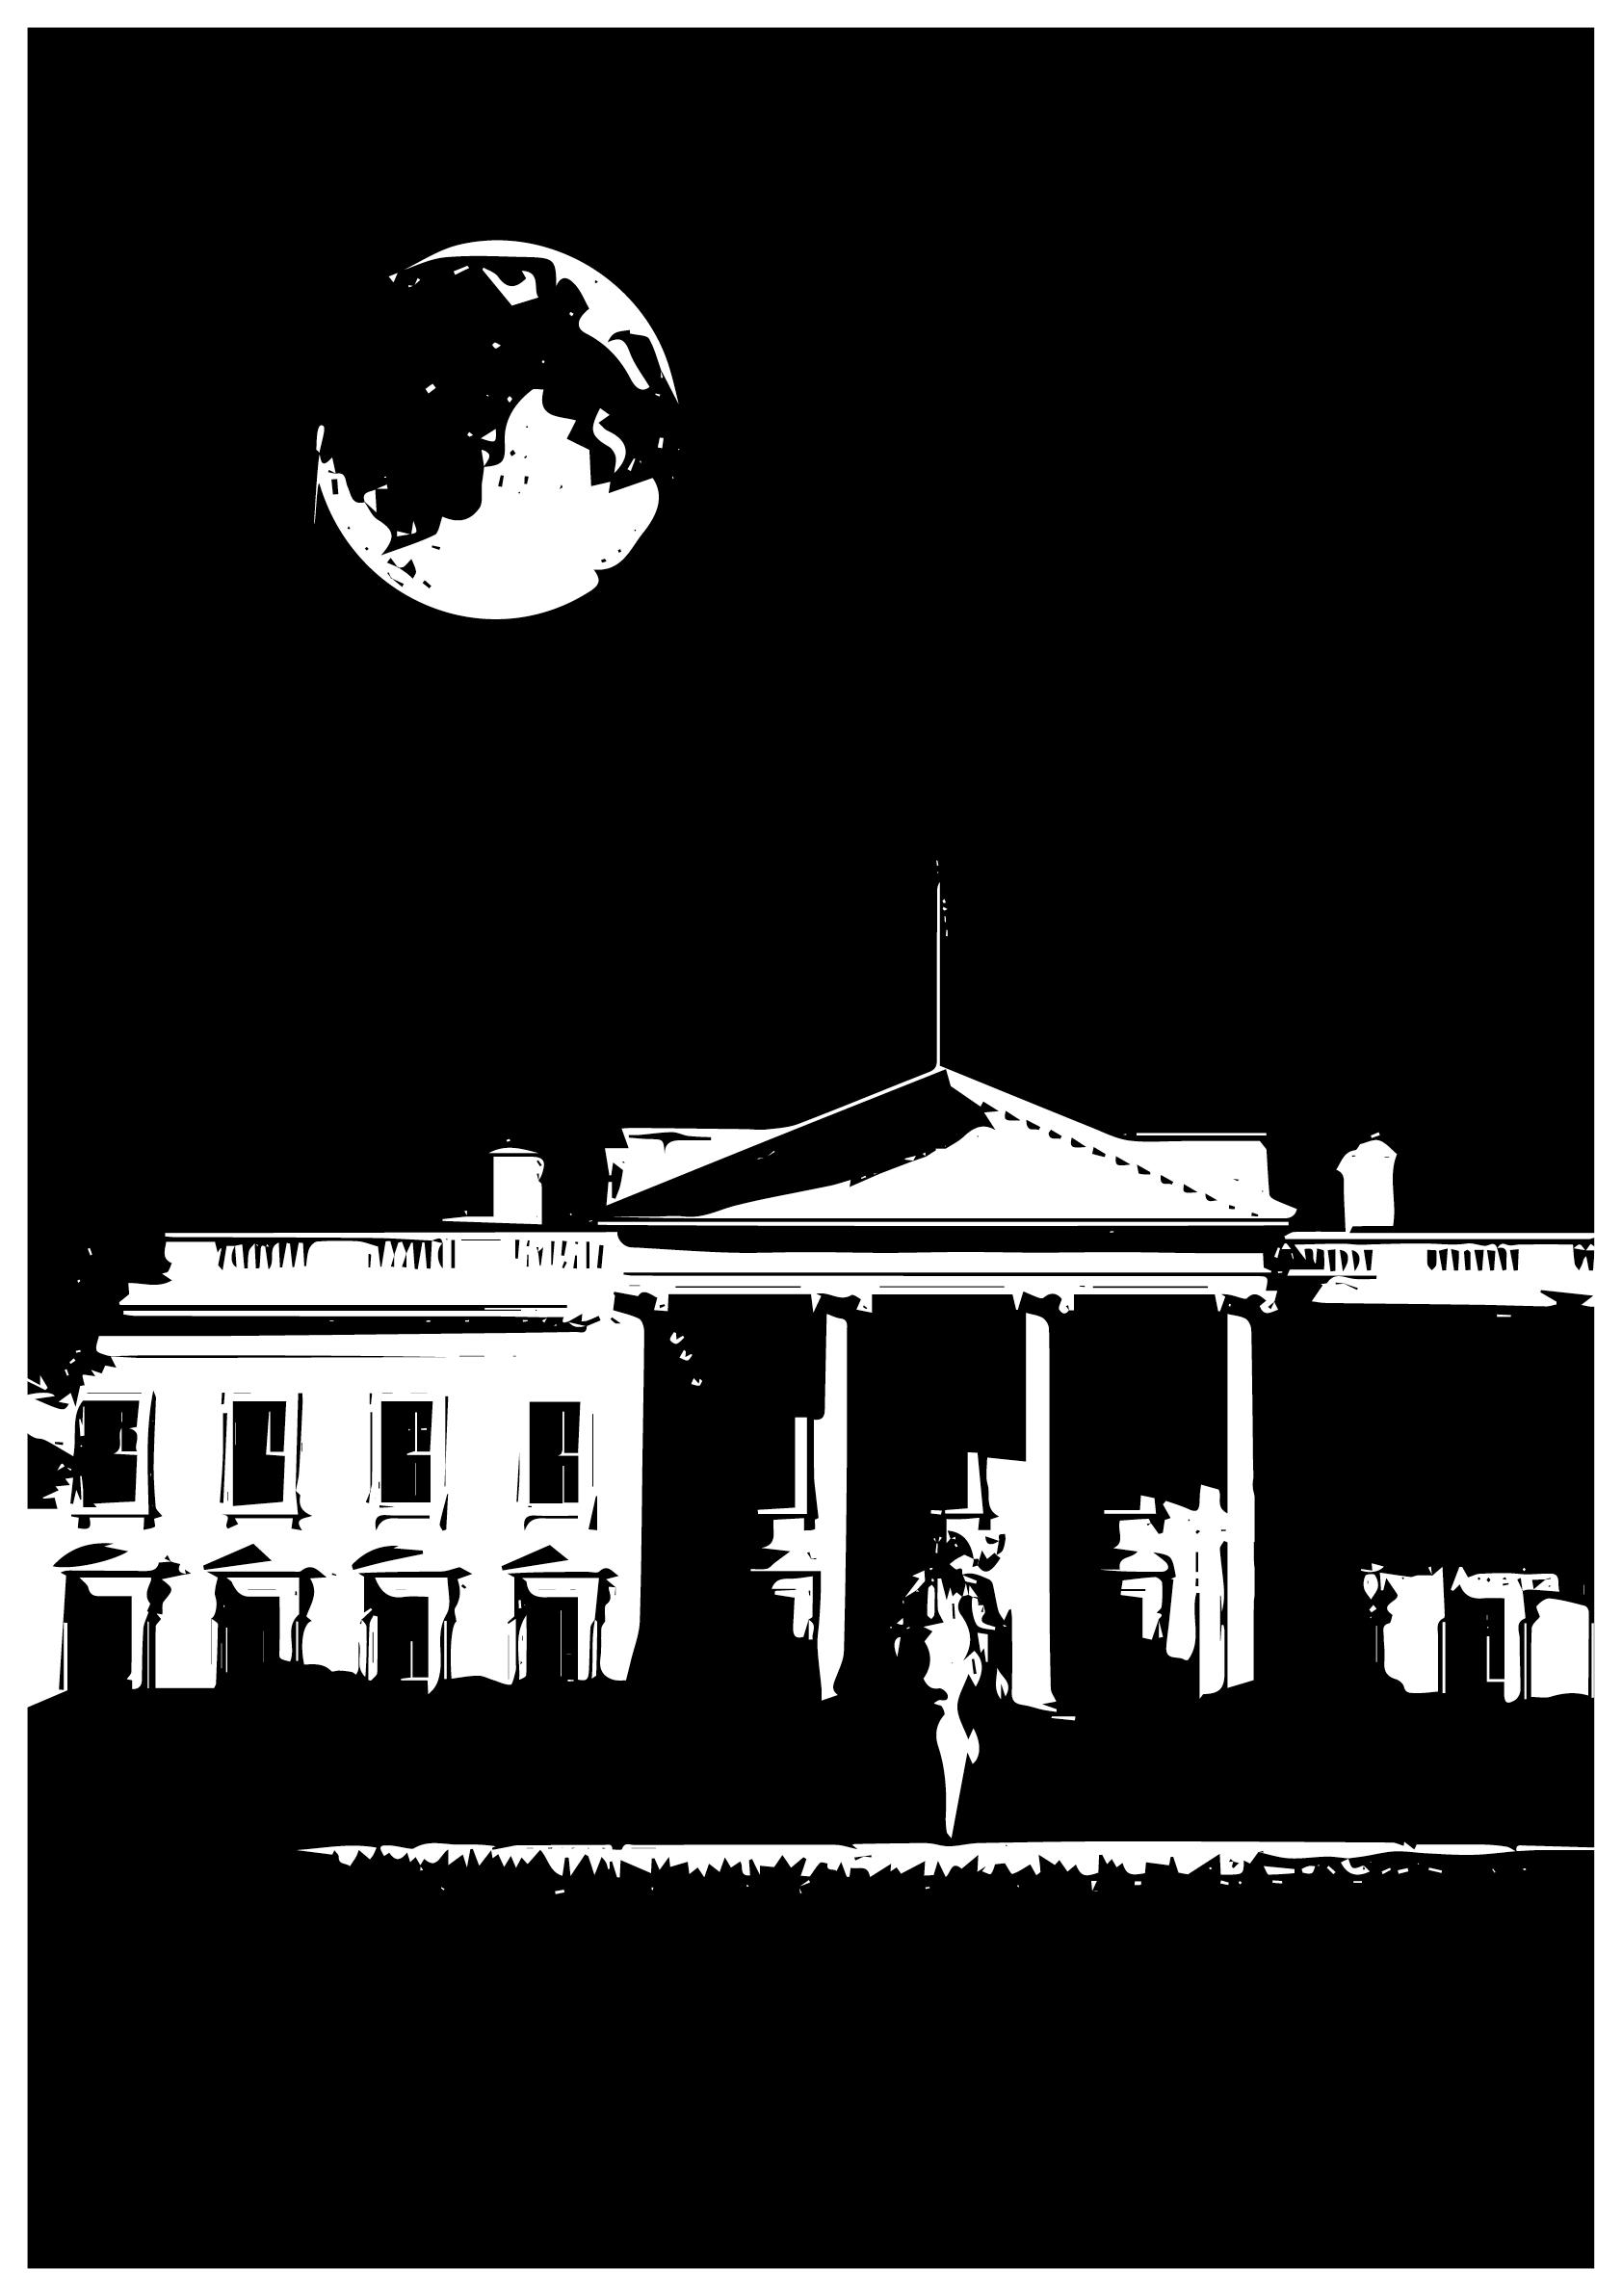 """Znacht im Bett wälzt sich dr Trump und rieft im Schloof: """"Melania!  Es isch mer glyych, was jede dänggt, y will mi Muuren ändlig haa!""""  """"Är het so rächt"""", dänggt sini Frau, """"und wenn me sy denn fertig het,  Denn kunnt s höggschde Stück dervo in unser Ehebett."""""""